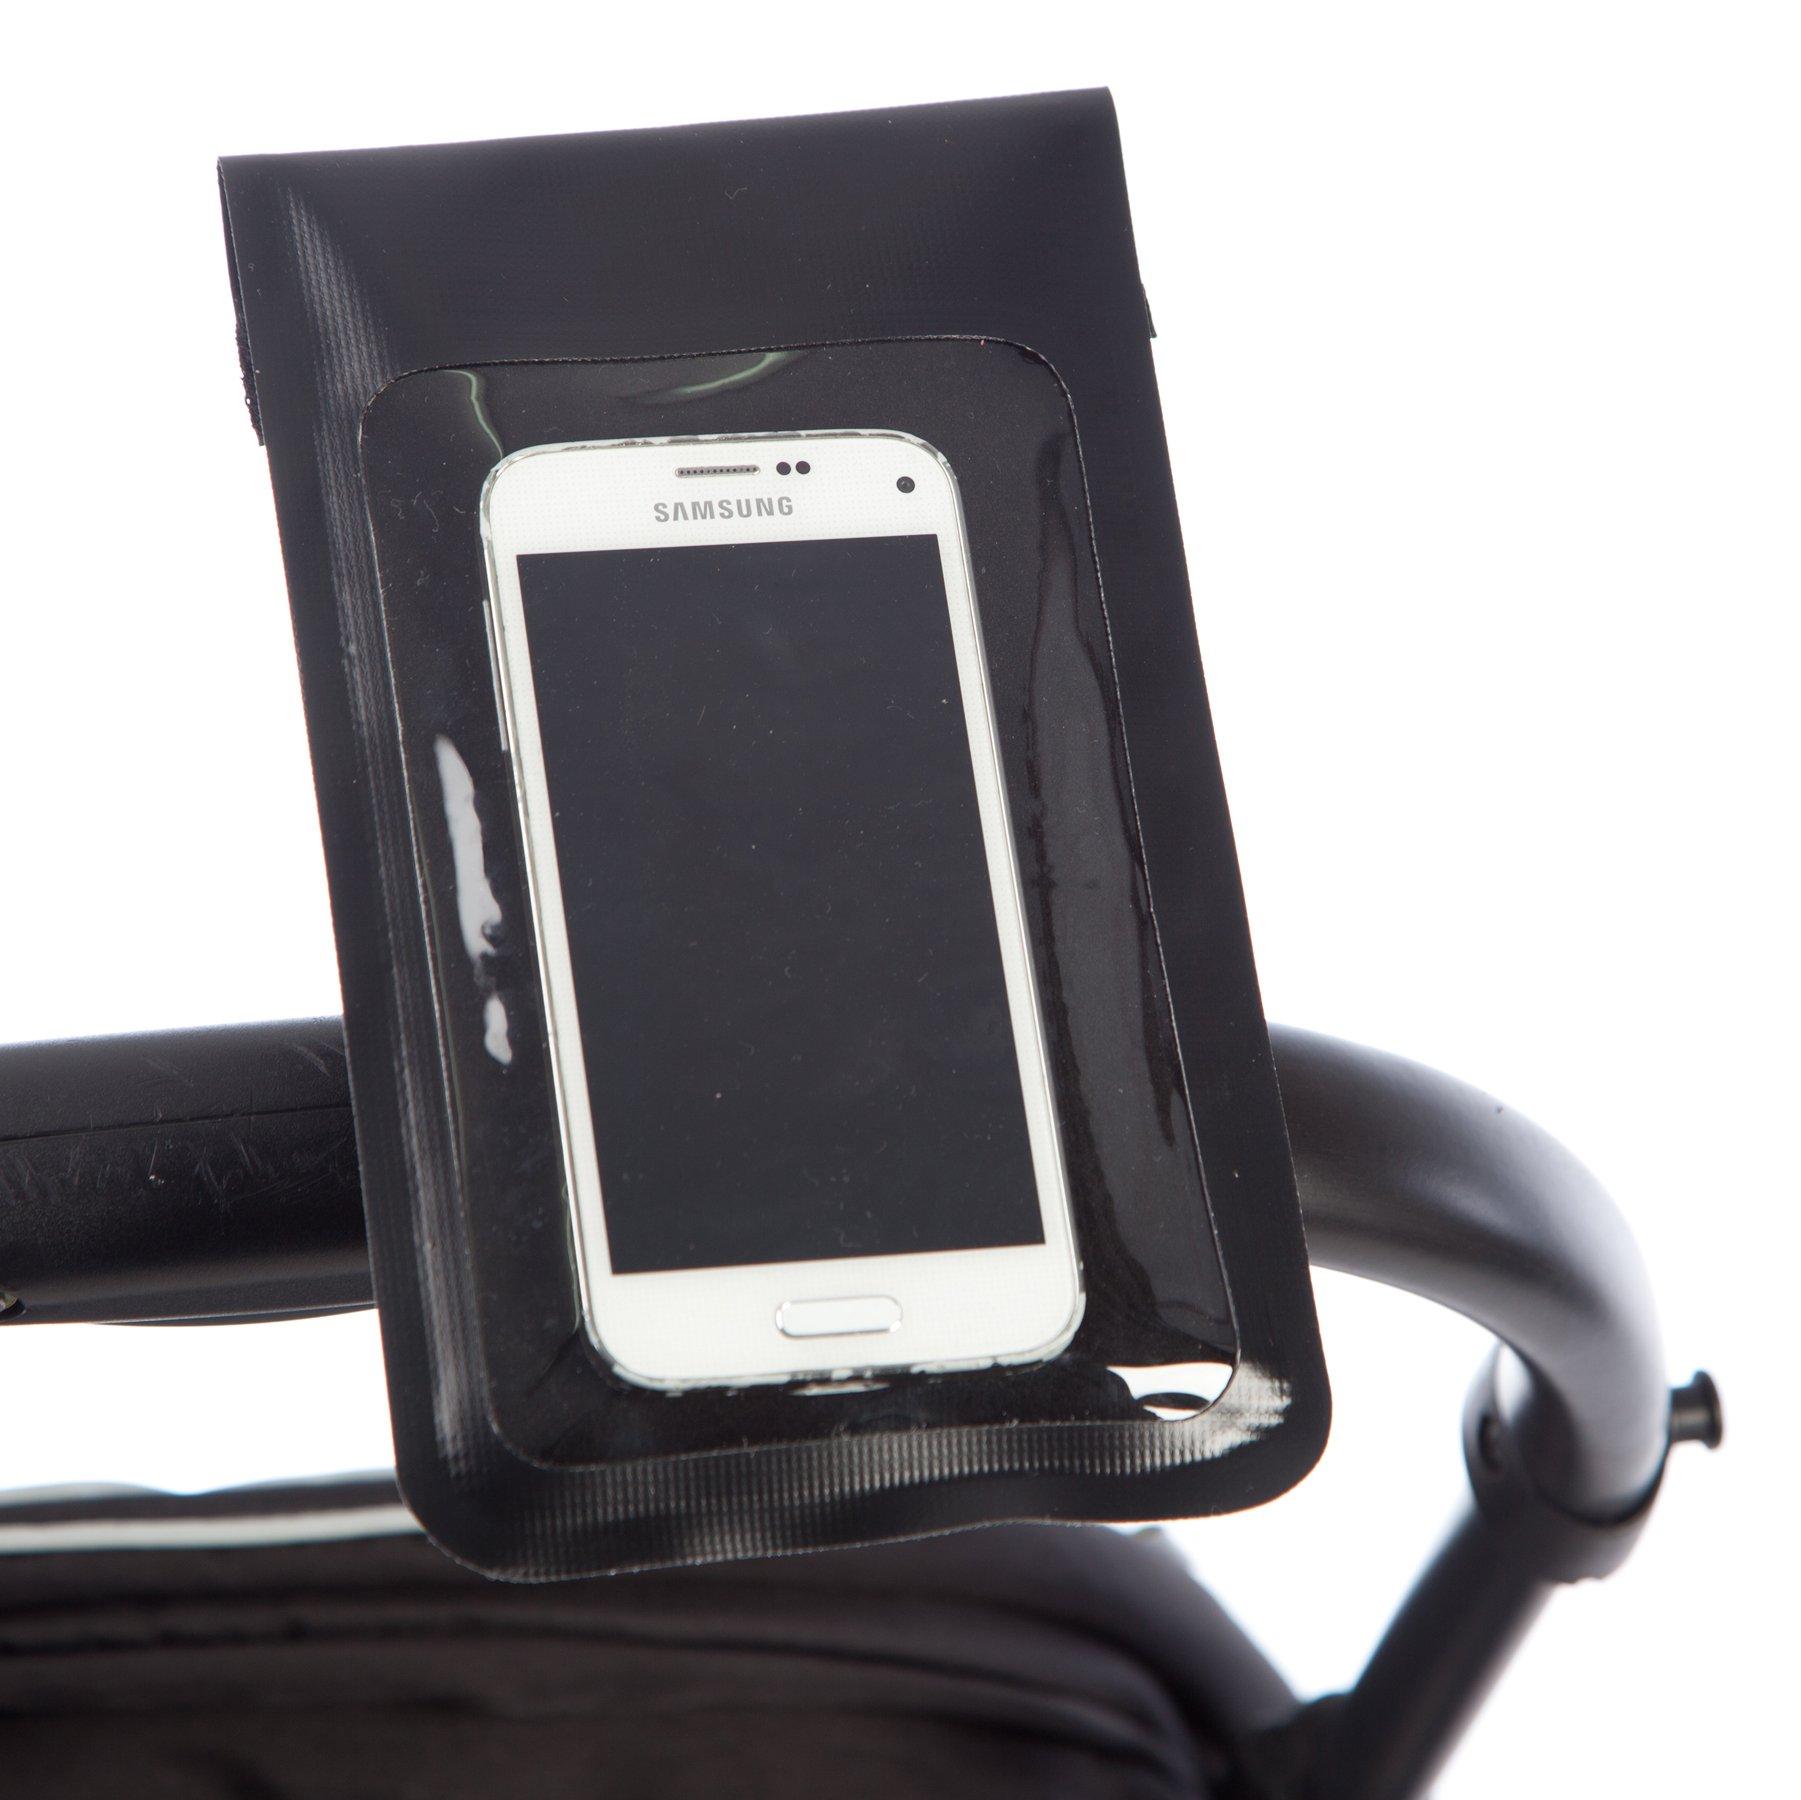 BTR Custodia per telefono cellulare/smartphone da passeggino/carrozzina. Impermeabile.